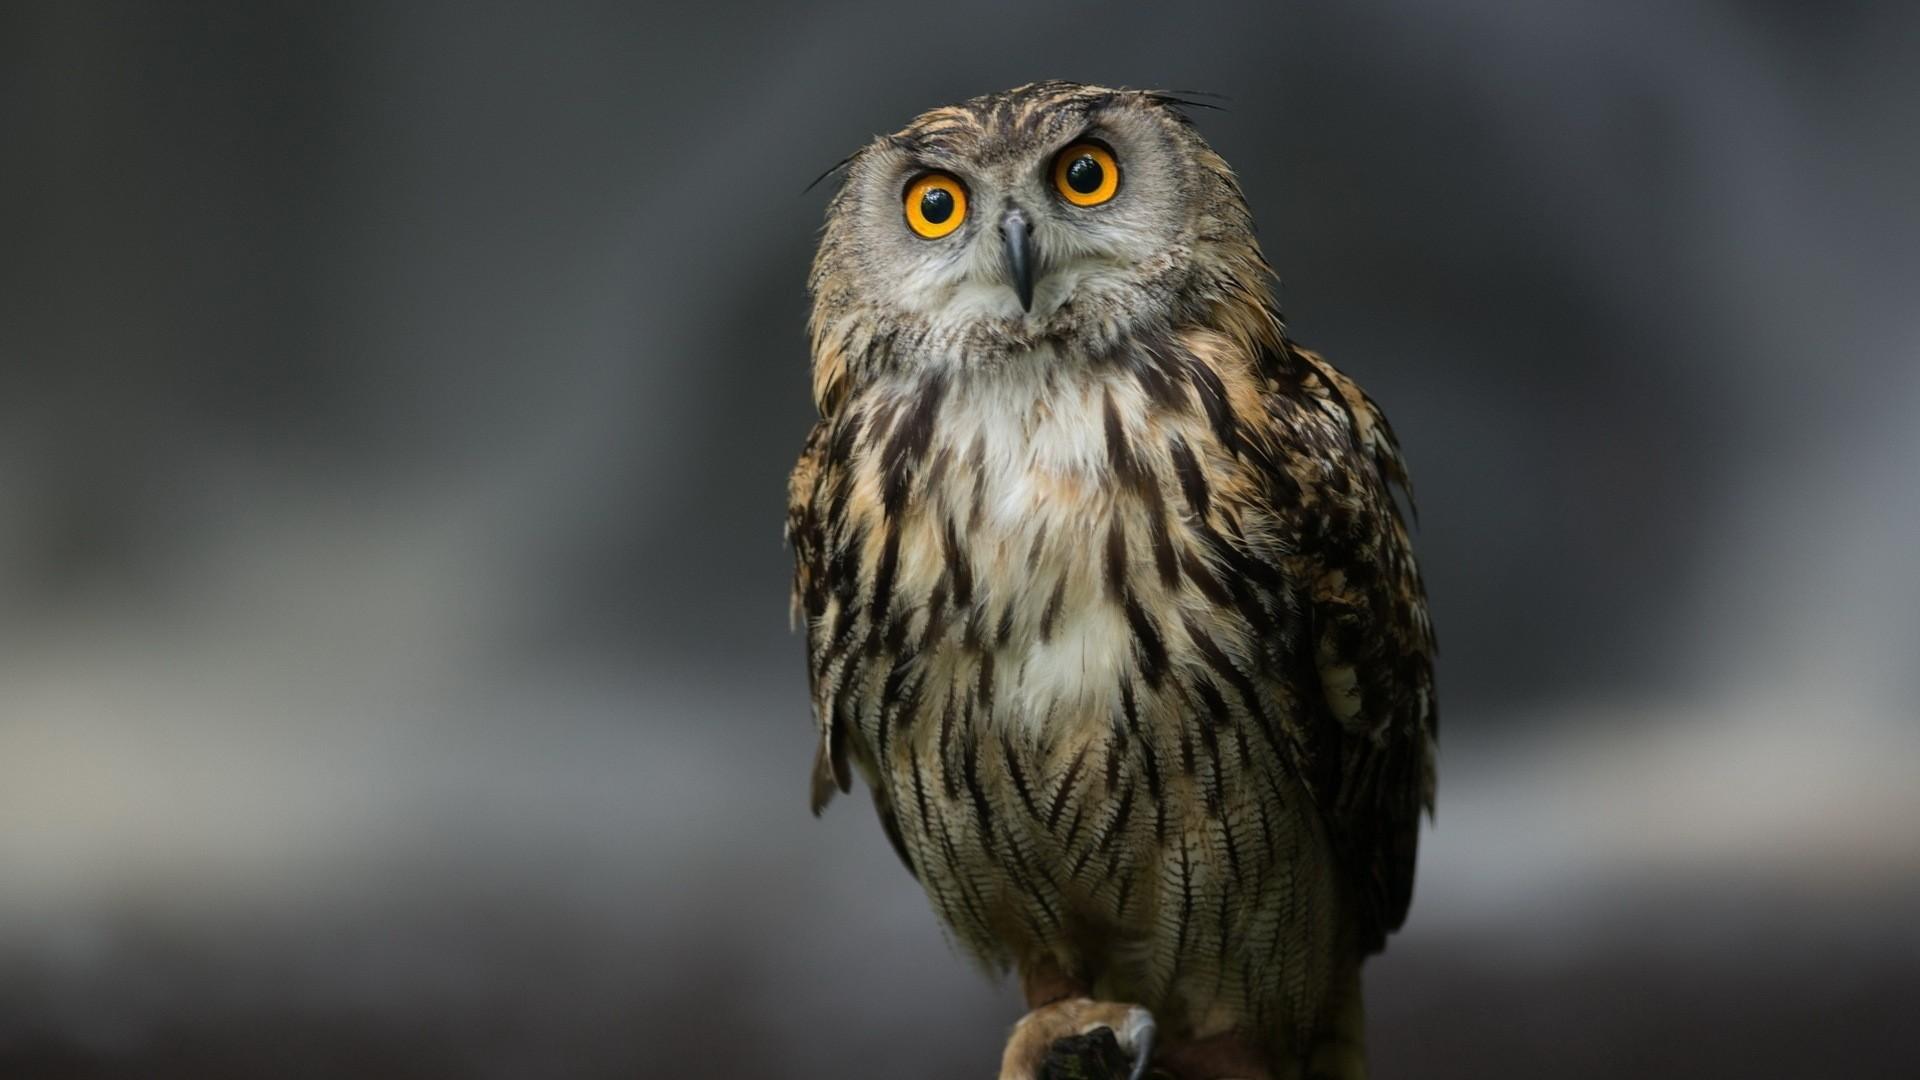 Best Owl Bird Wallpaper High Resolution Wallpaper Full Size